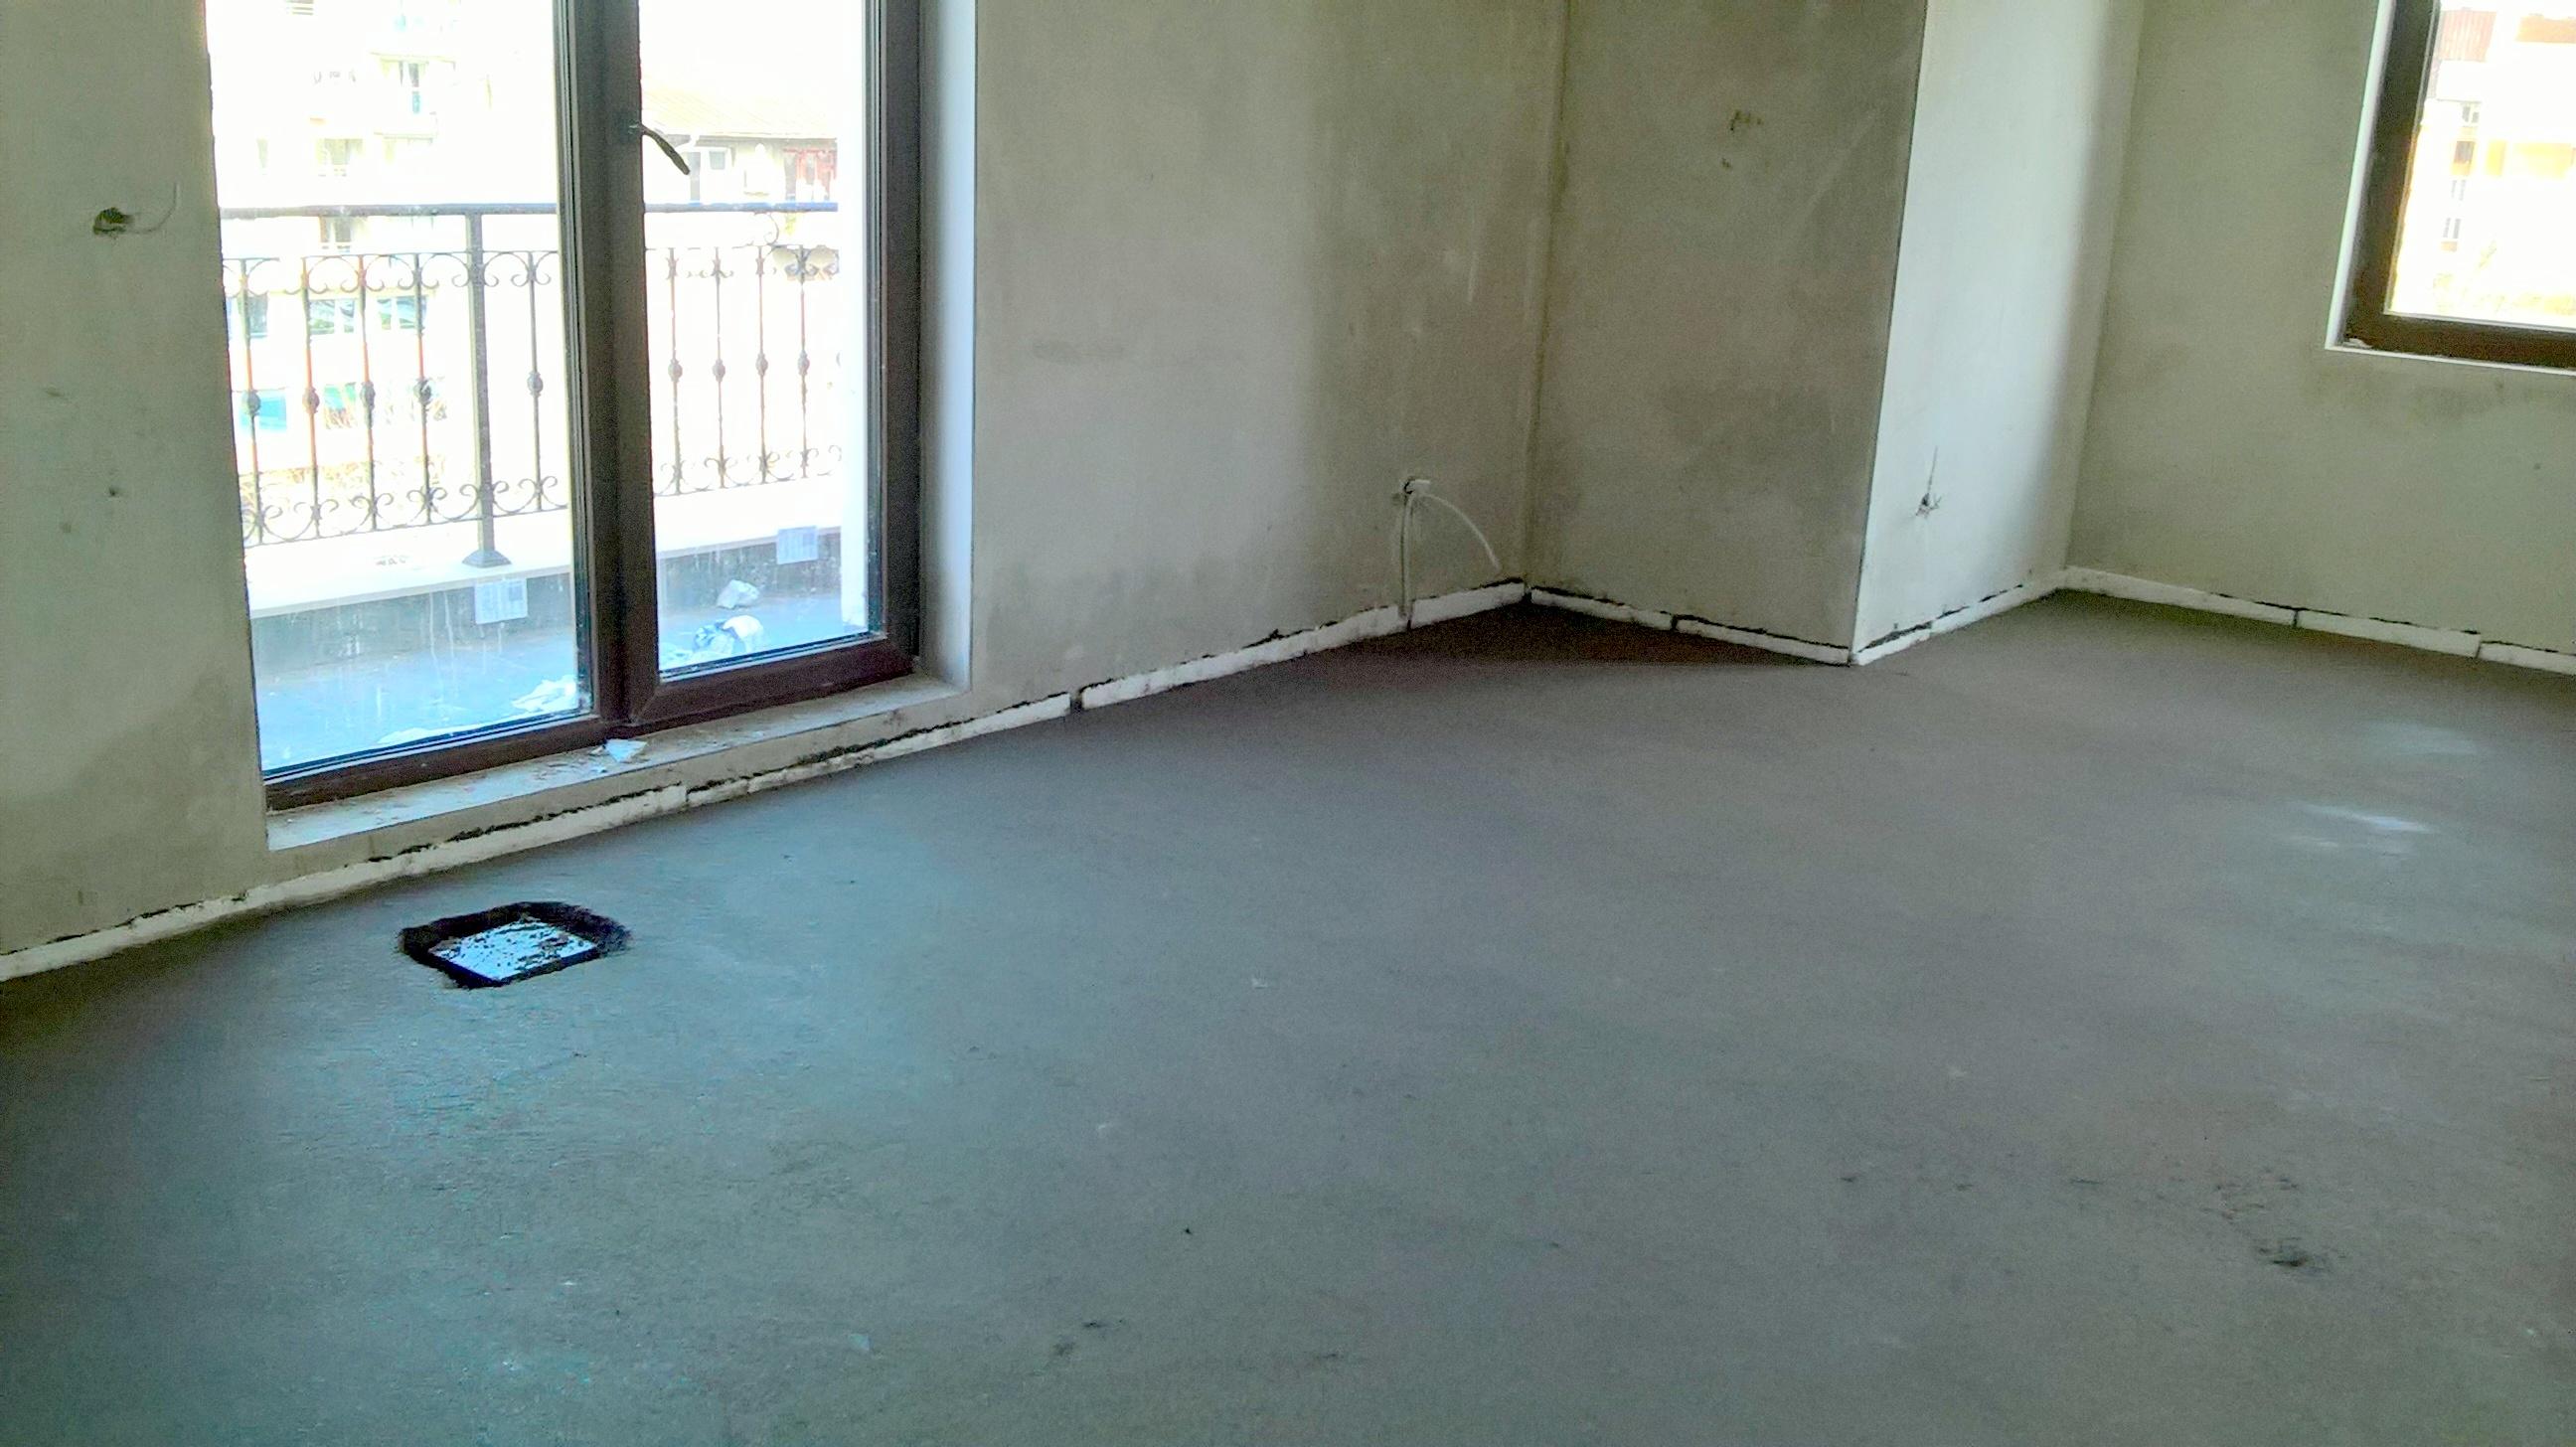 Комплект за електрическо-водно подово отопление XL тръба | Heating ...